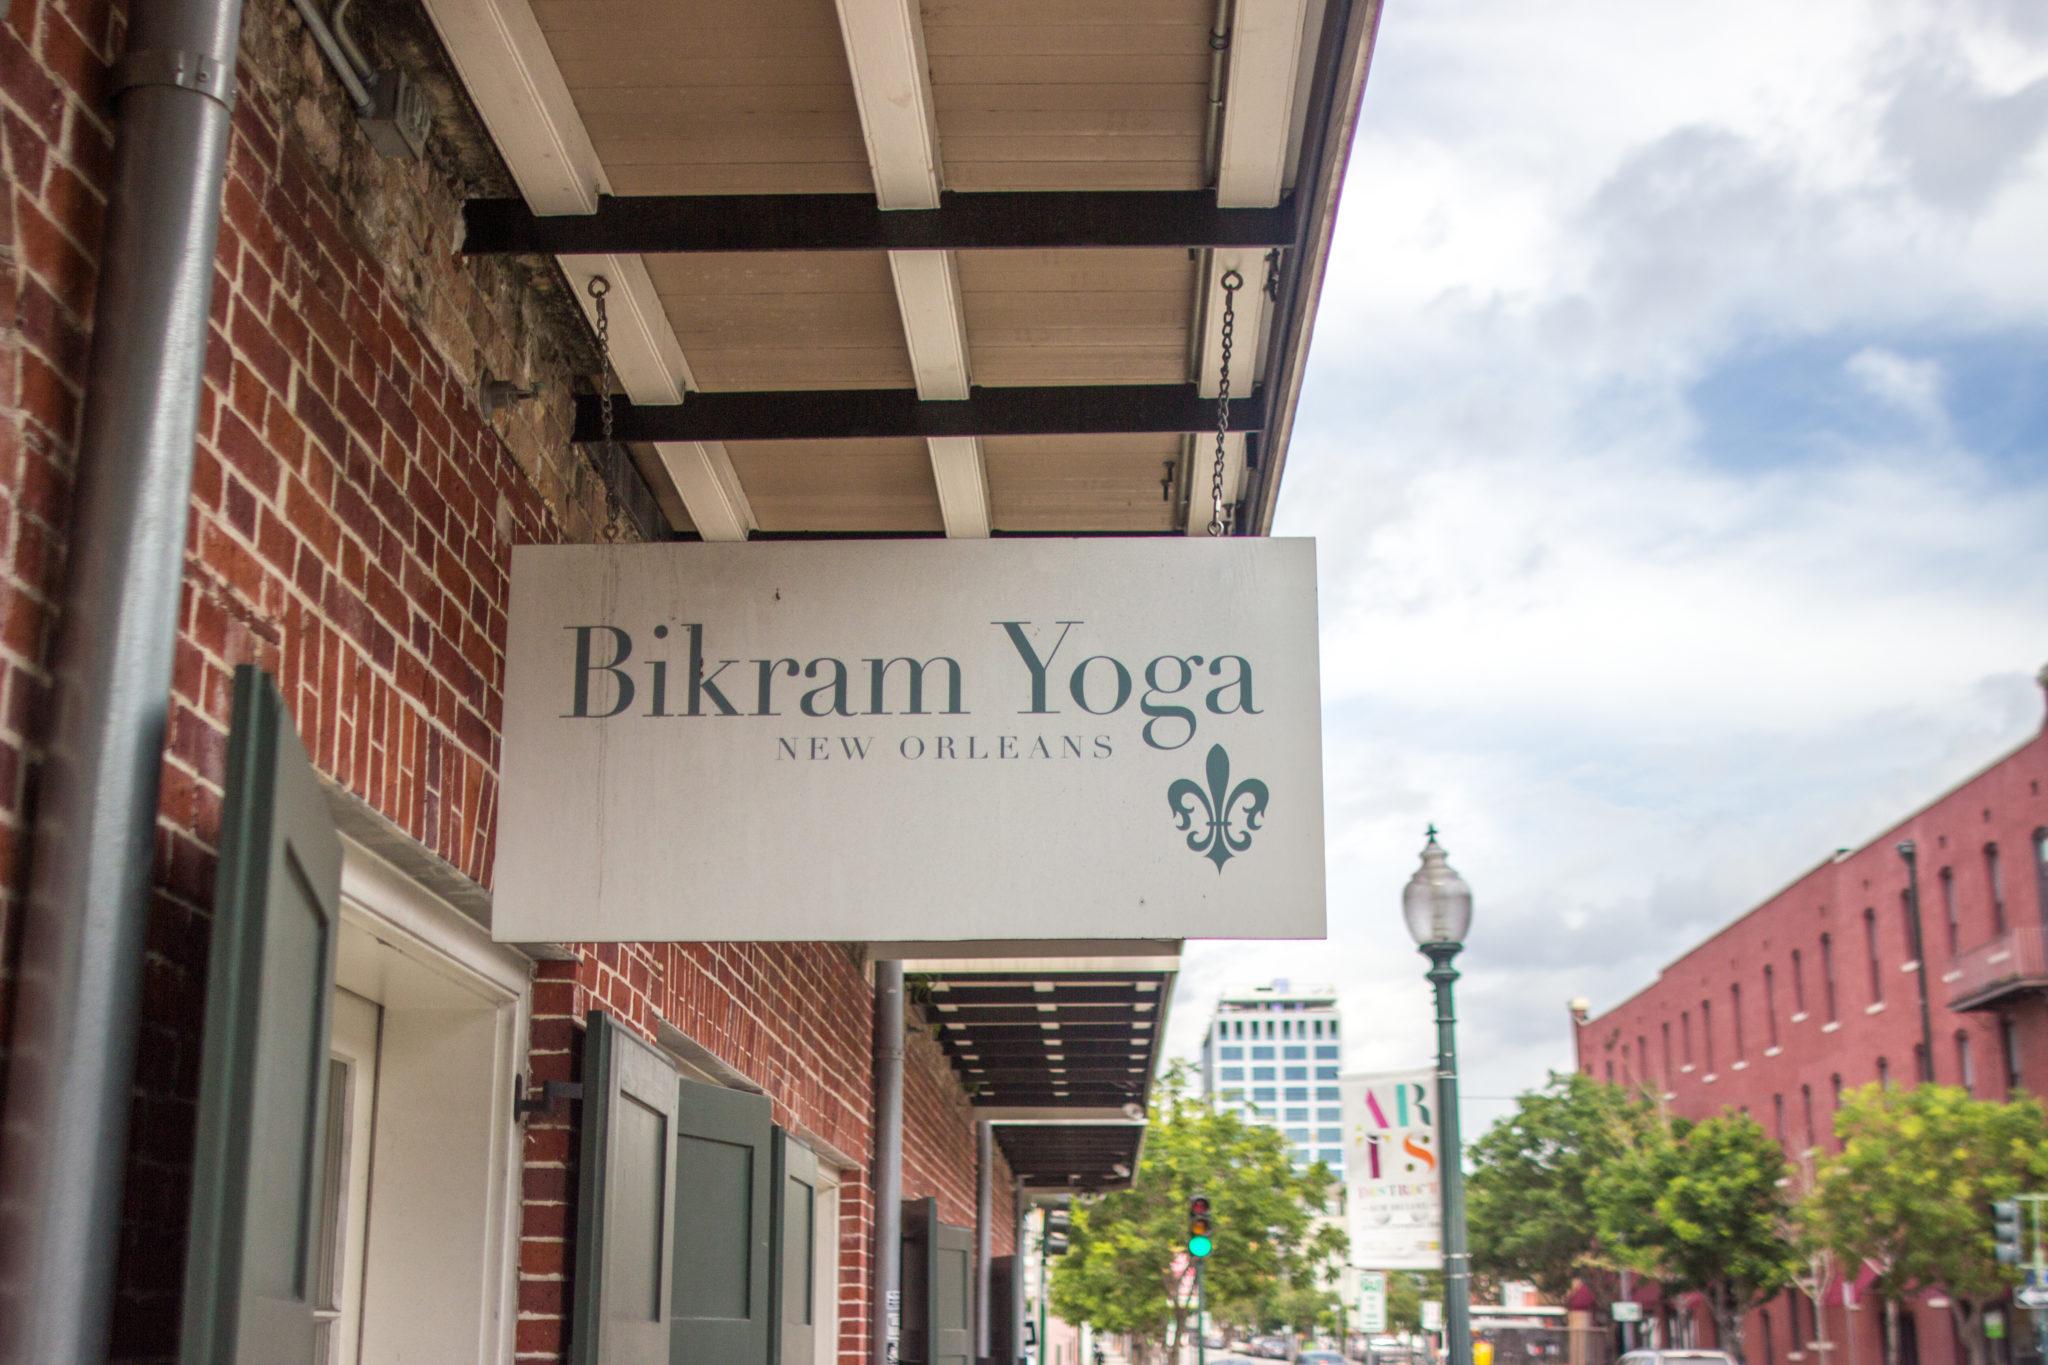 Bikram Yoga Exterior